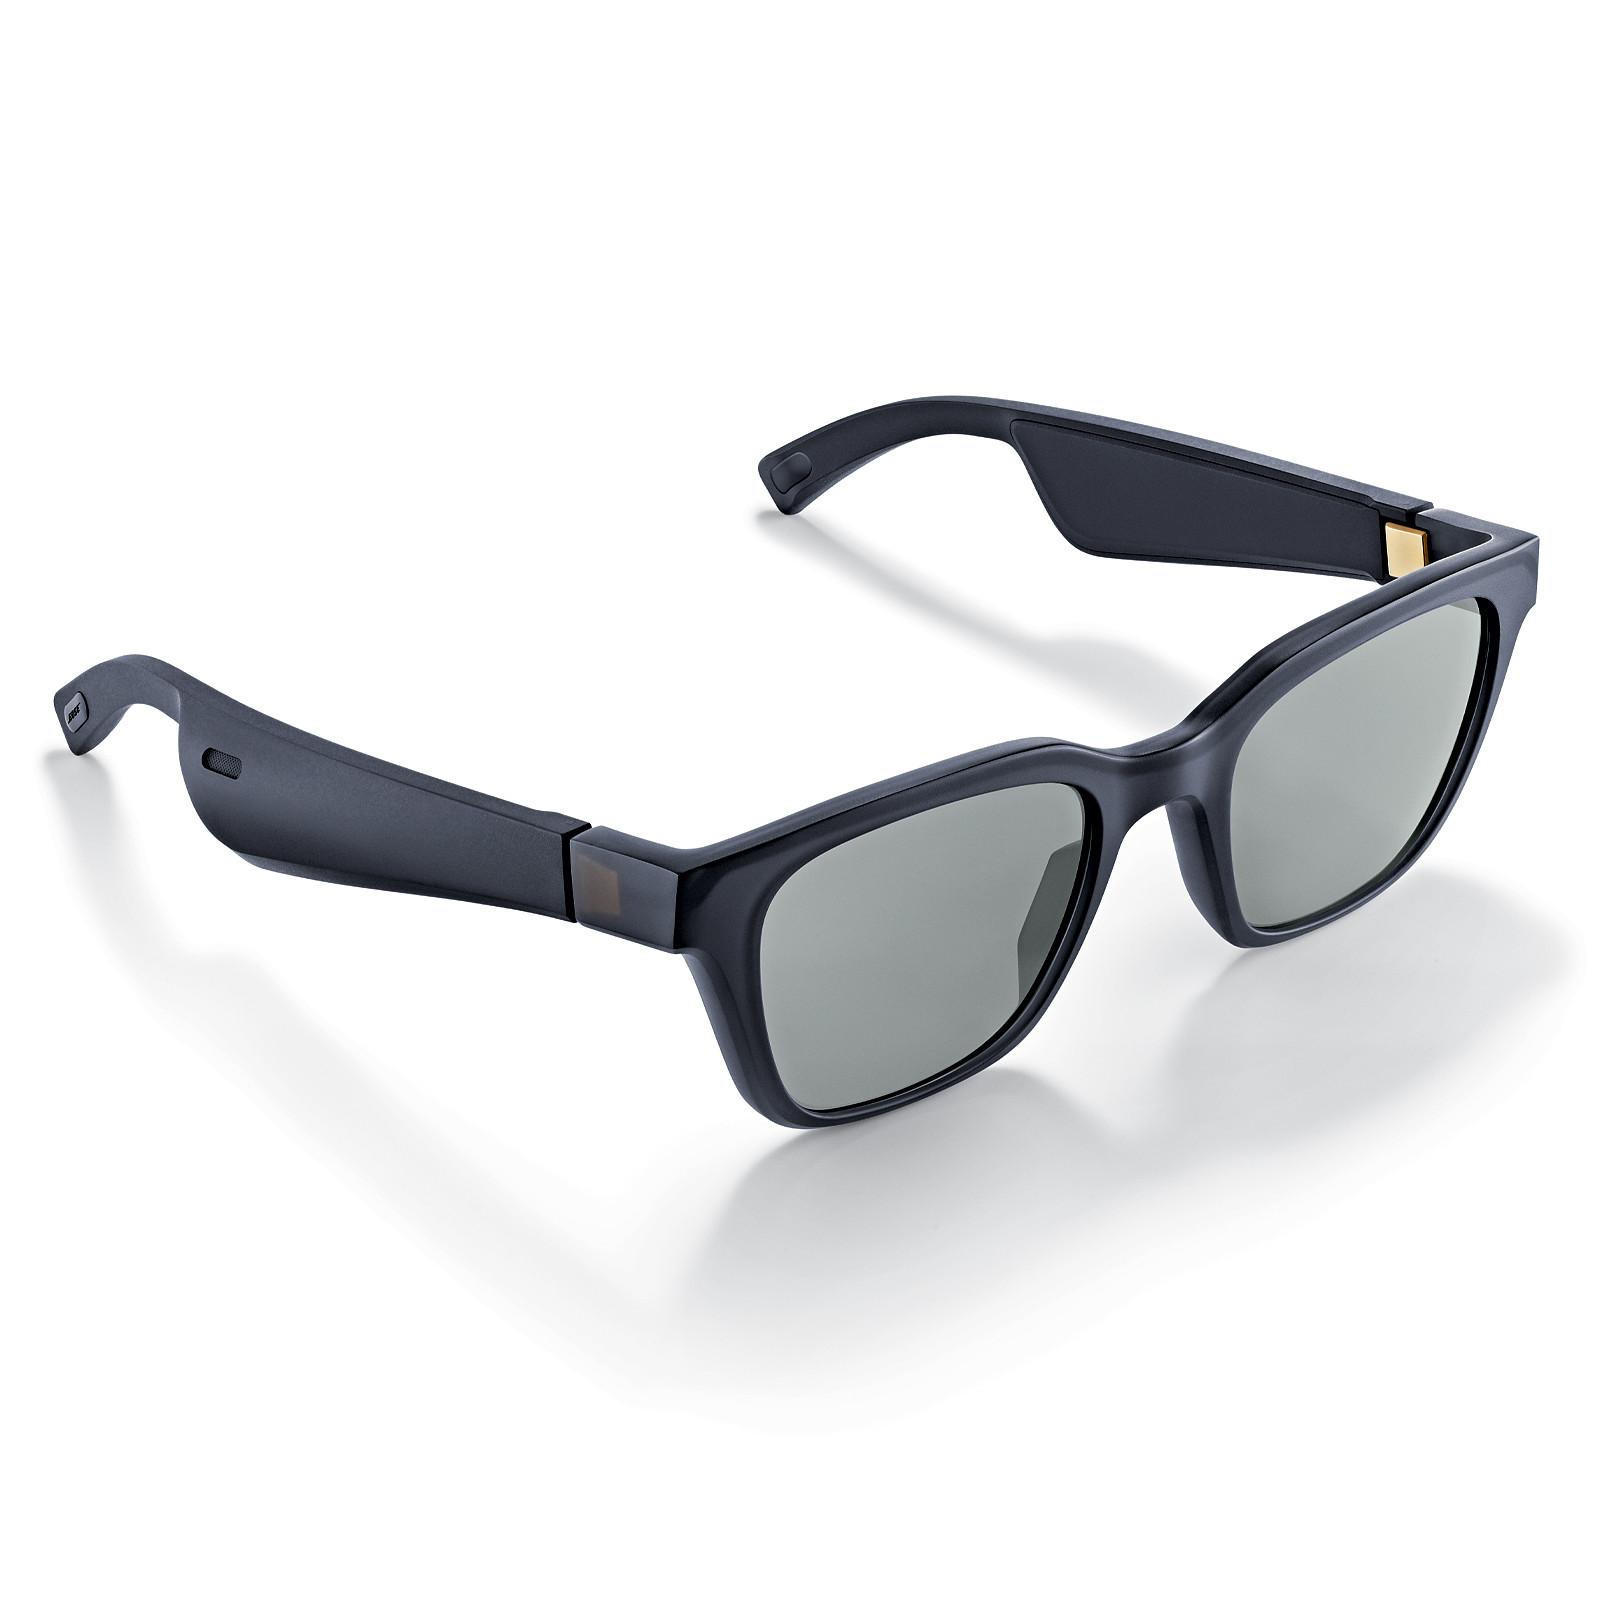 Bose Frames Alto Noir S/M